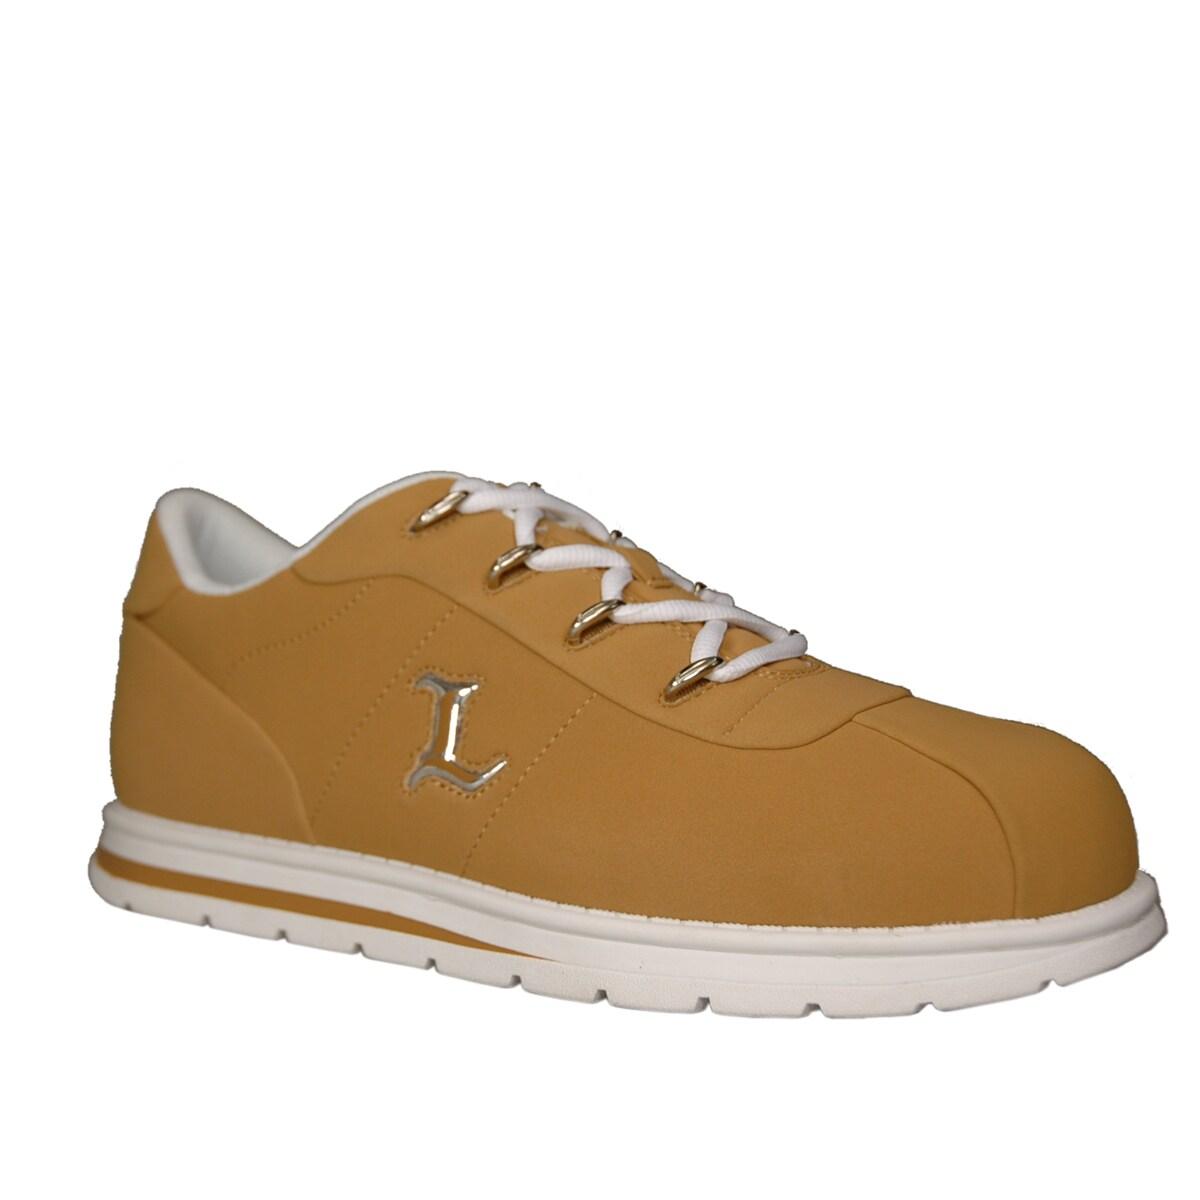 Lugz Men's 'Zrocs DX' Durabrush Wheat/ White Sneakers